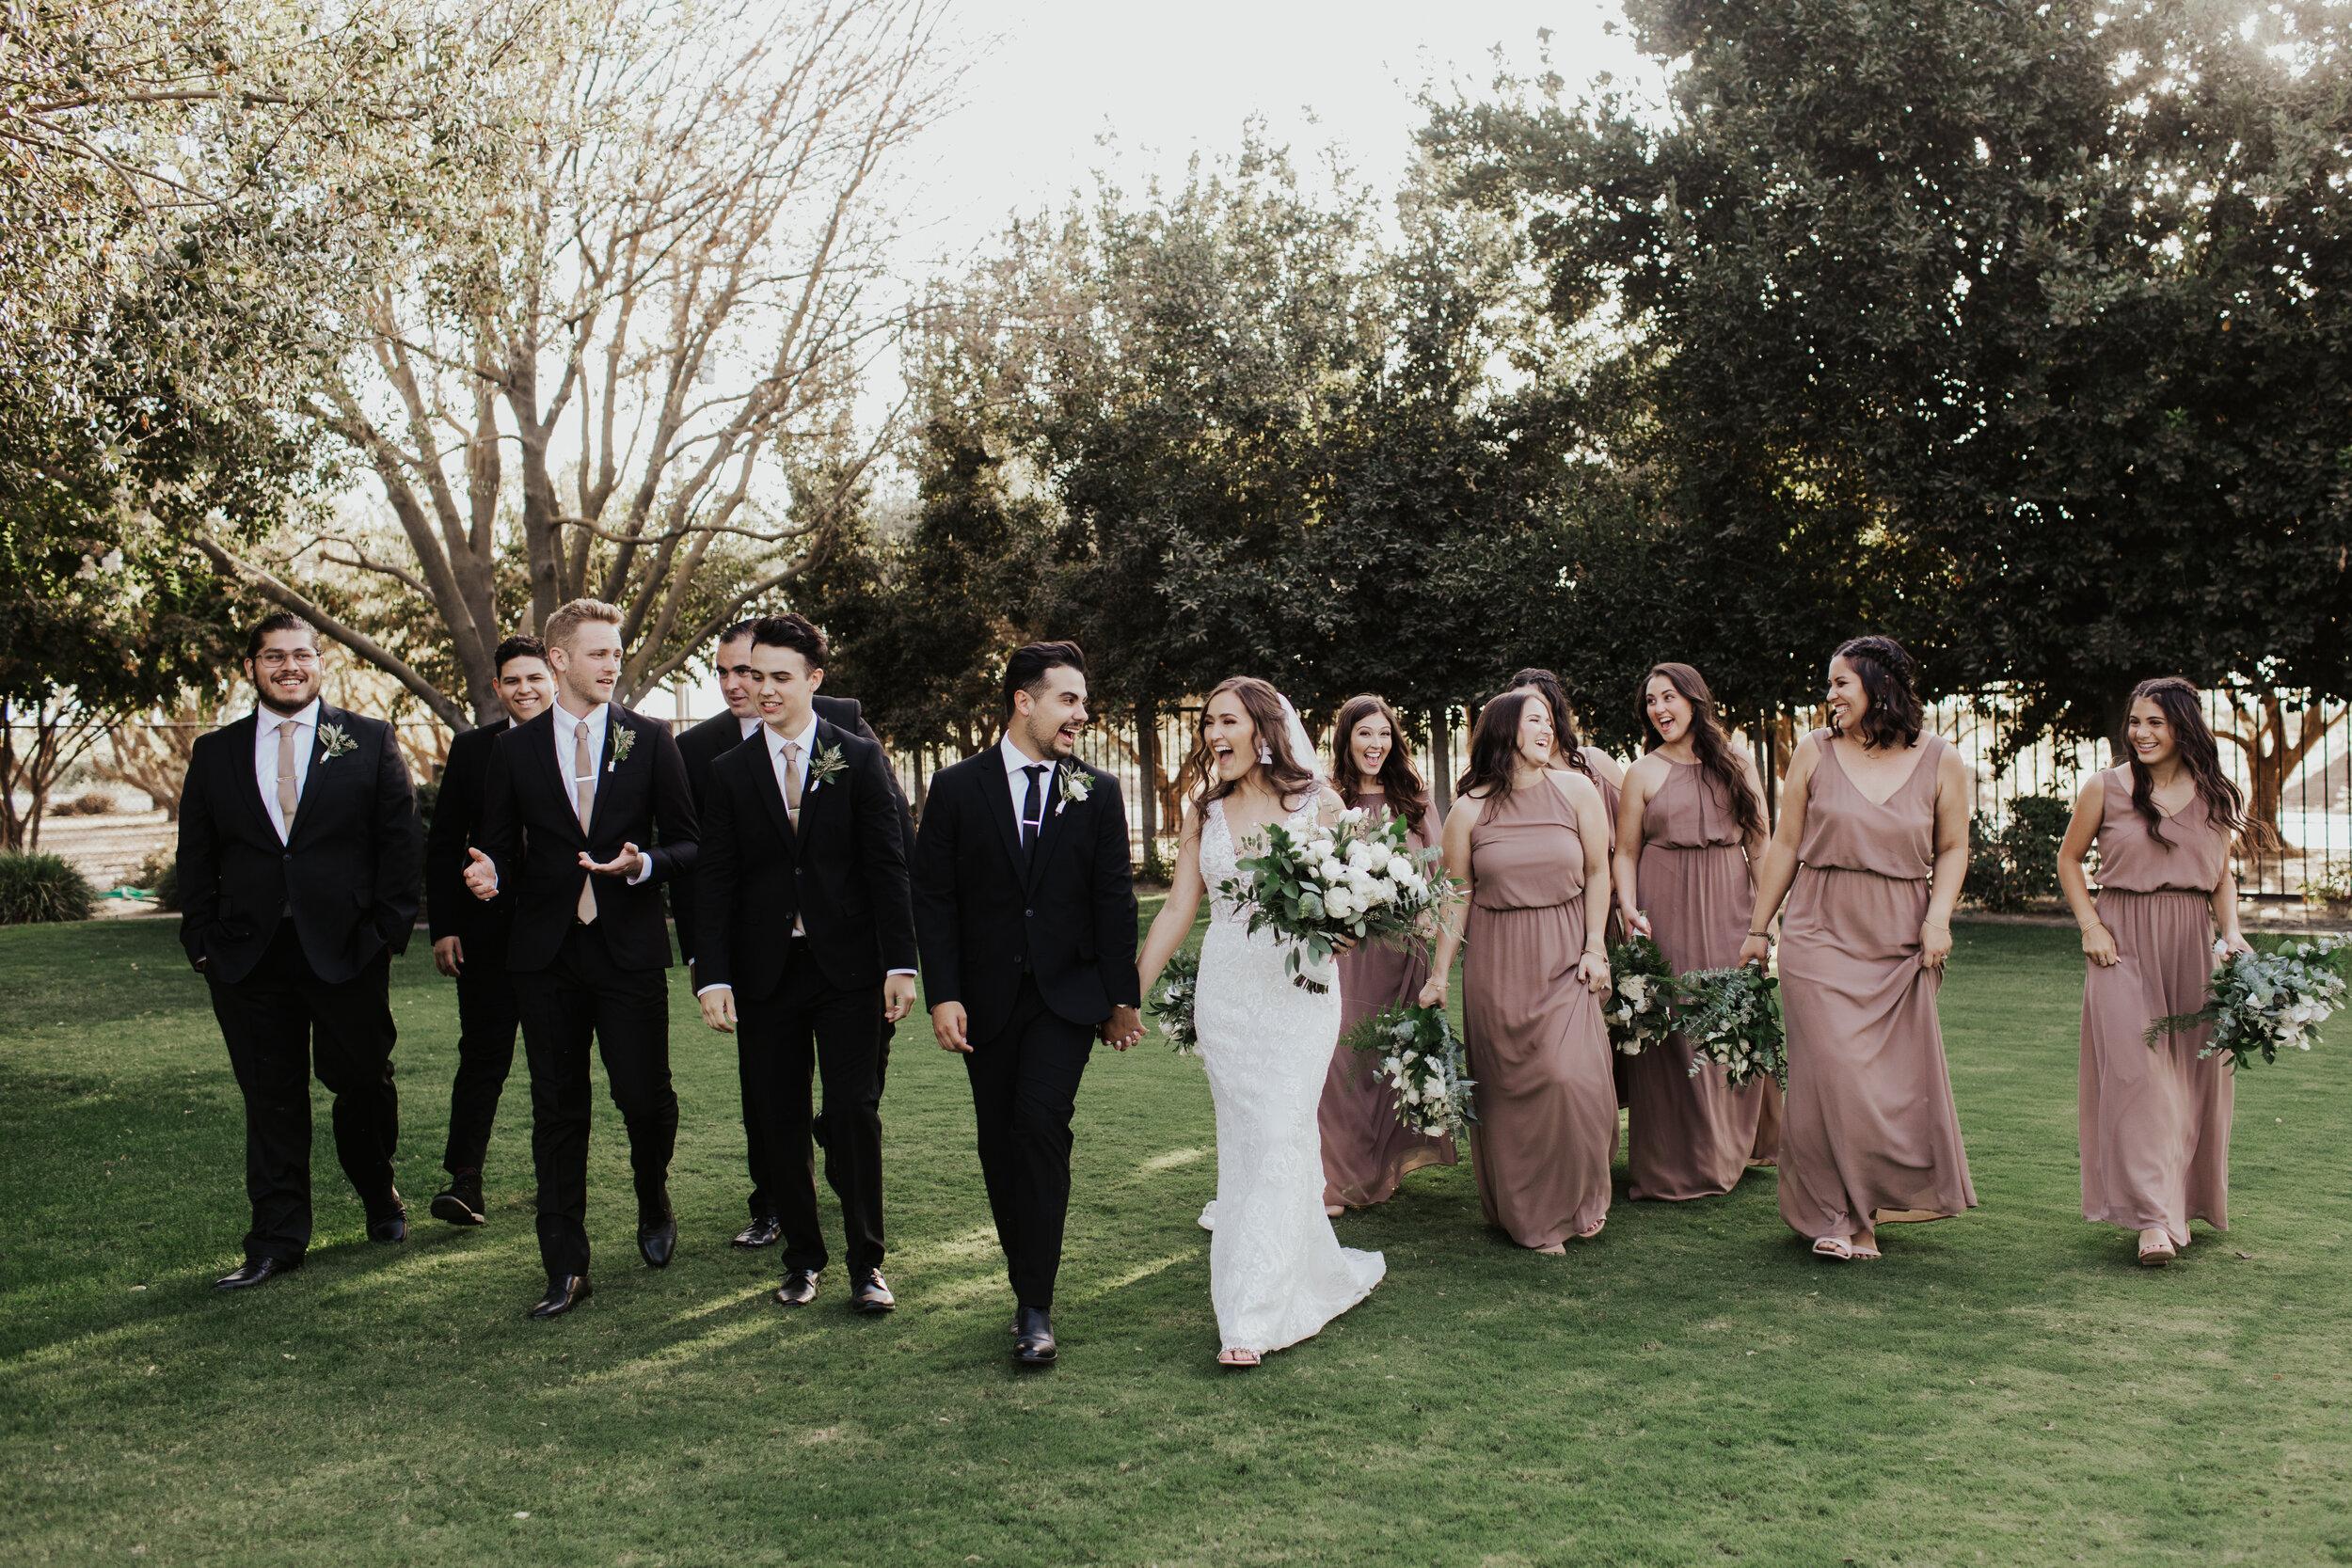 Emilee-Michael-Wedding-Tuscan-Gardens-Kingsburg-Central-Valley-California-SNEAK-PEEK-54.jpg